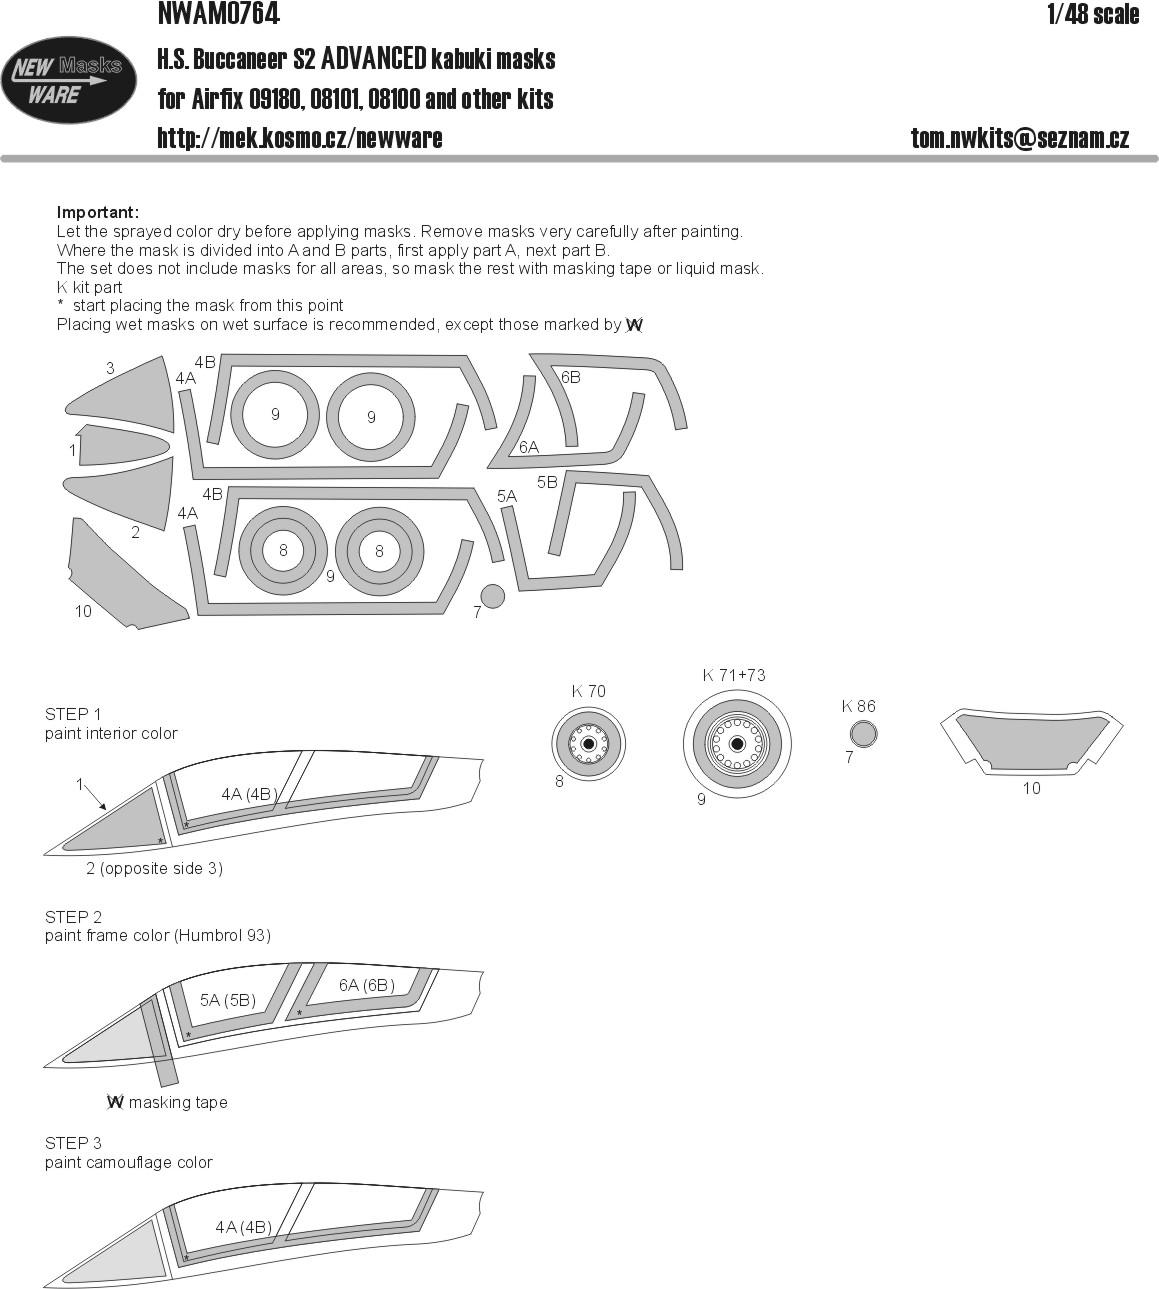 NWAM0764